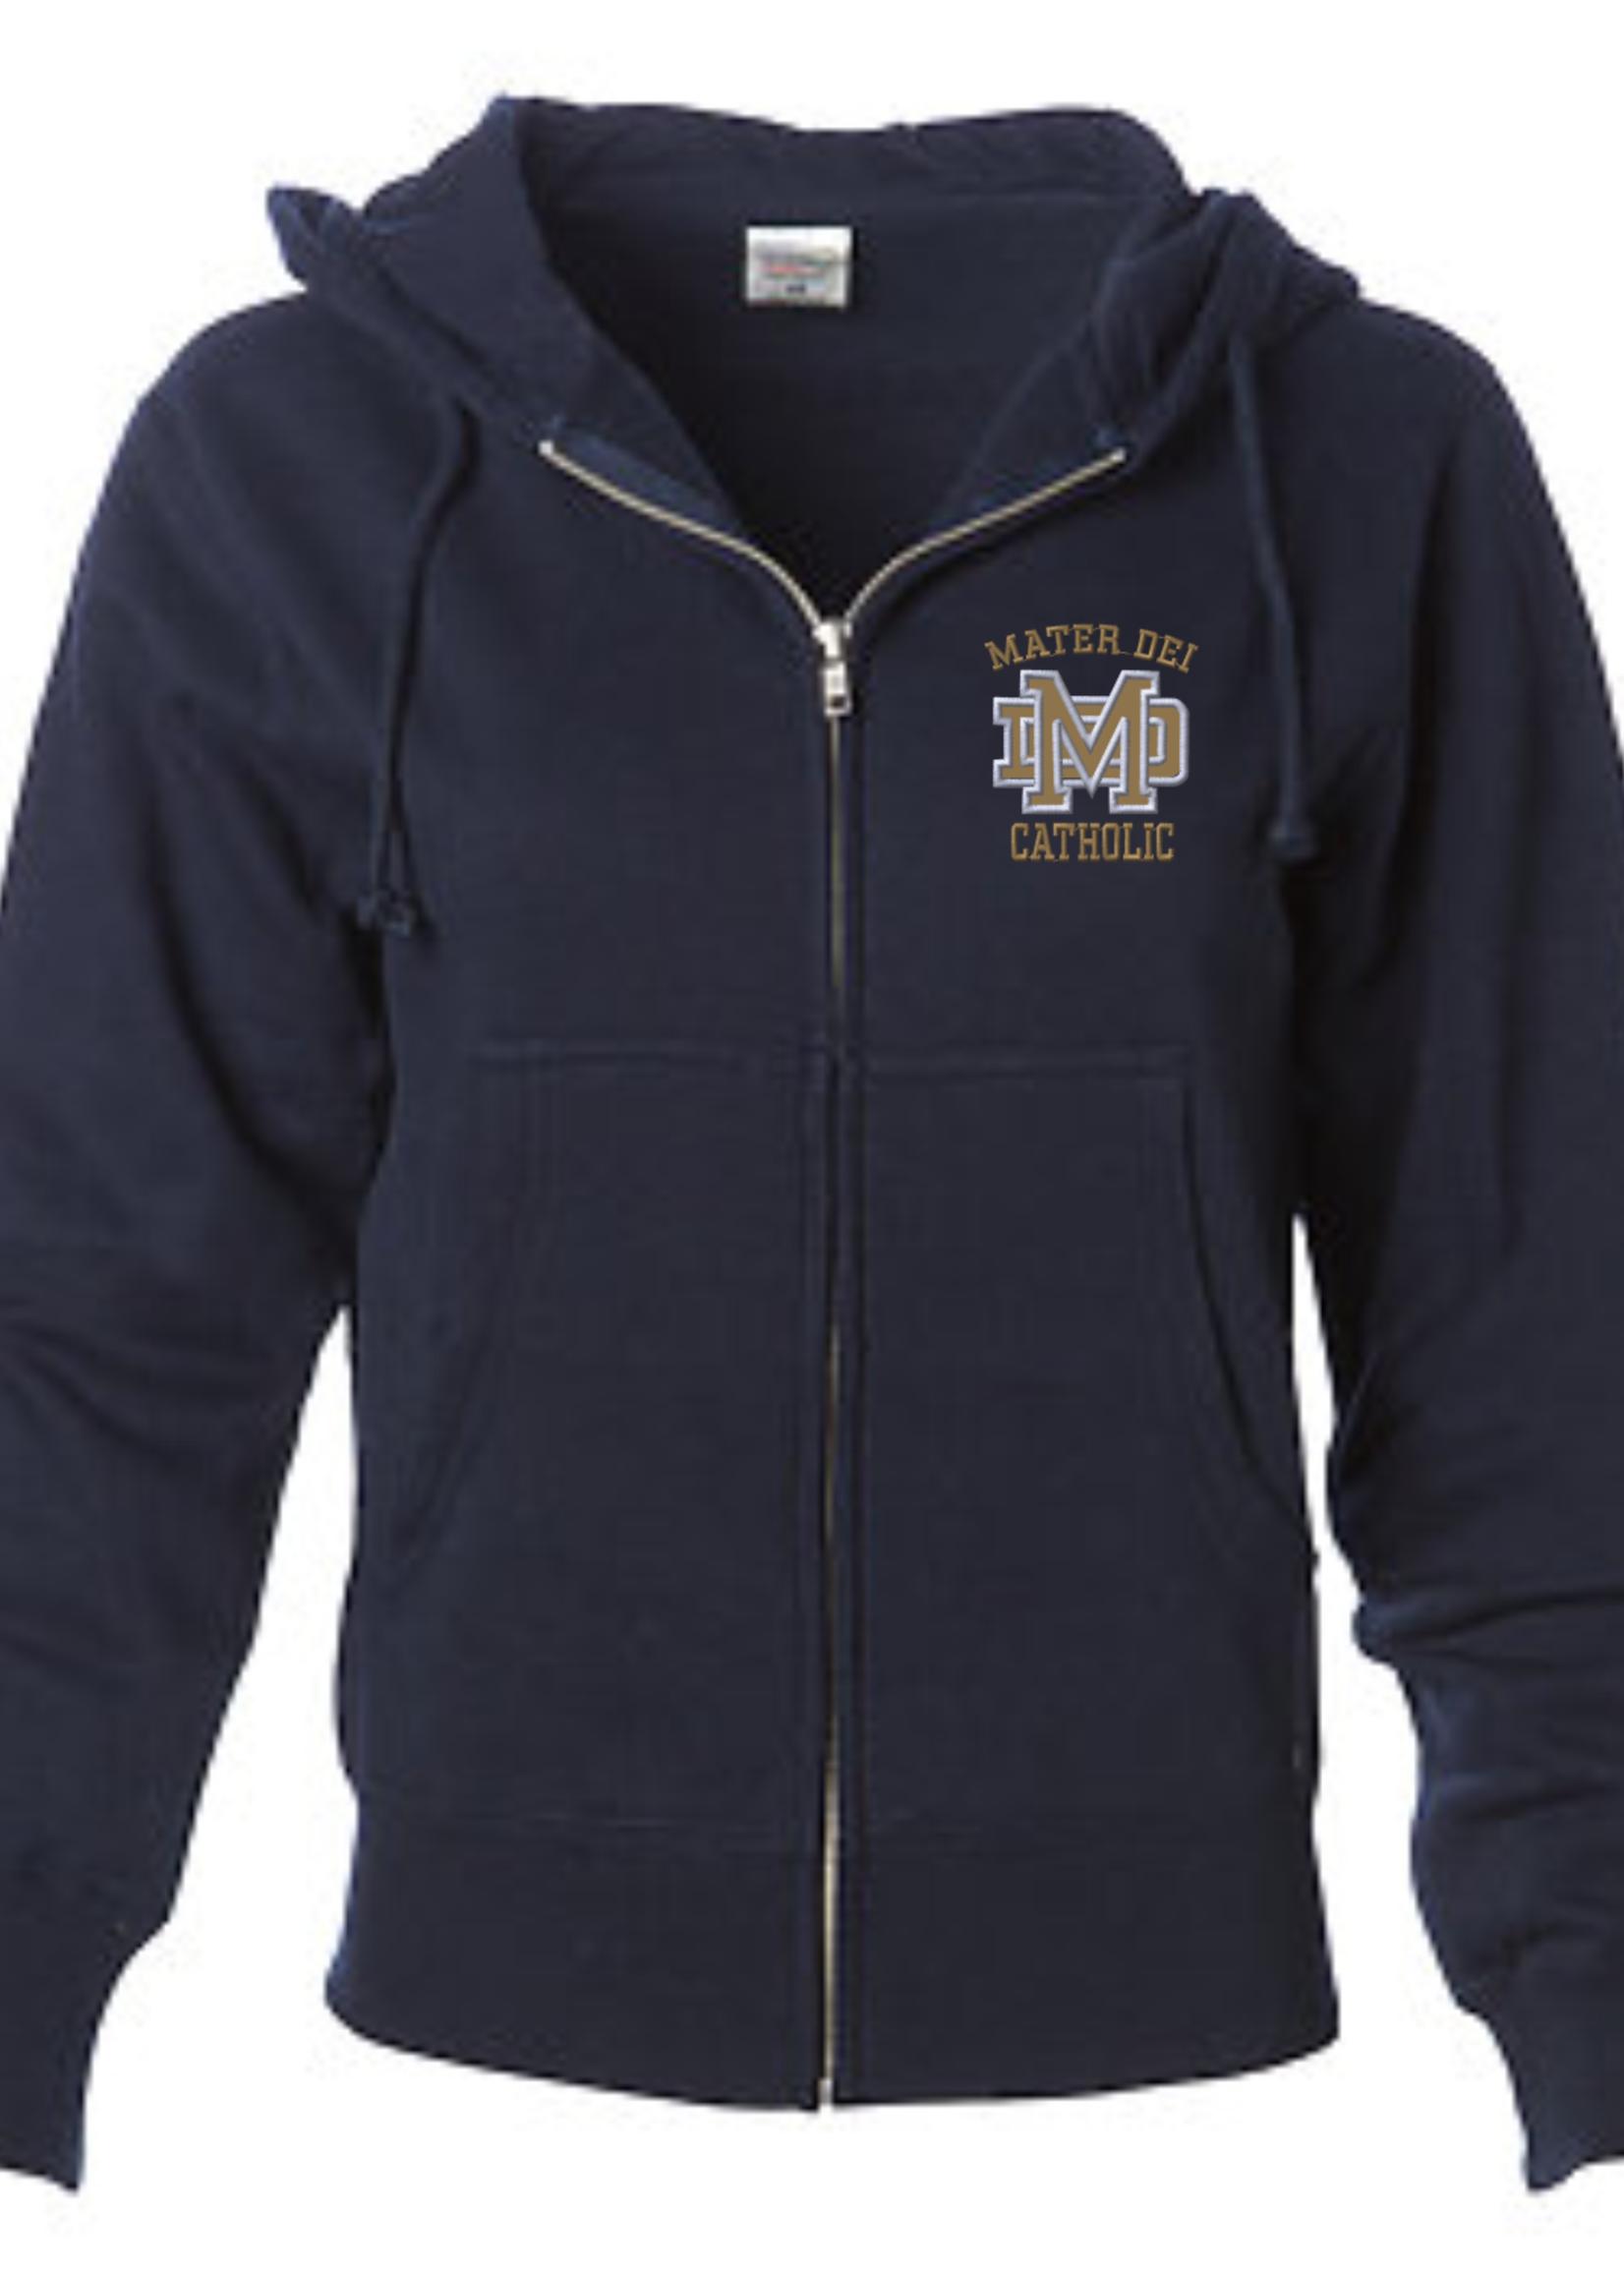 MDCHS Womens Navy Zip Hoodie